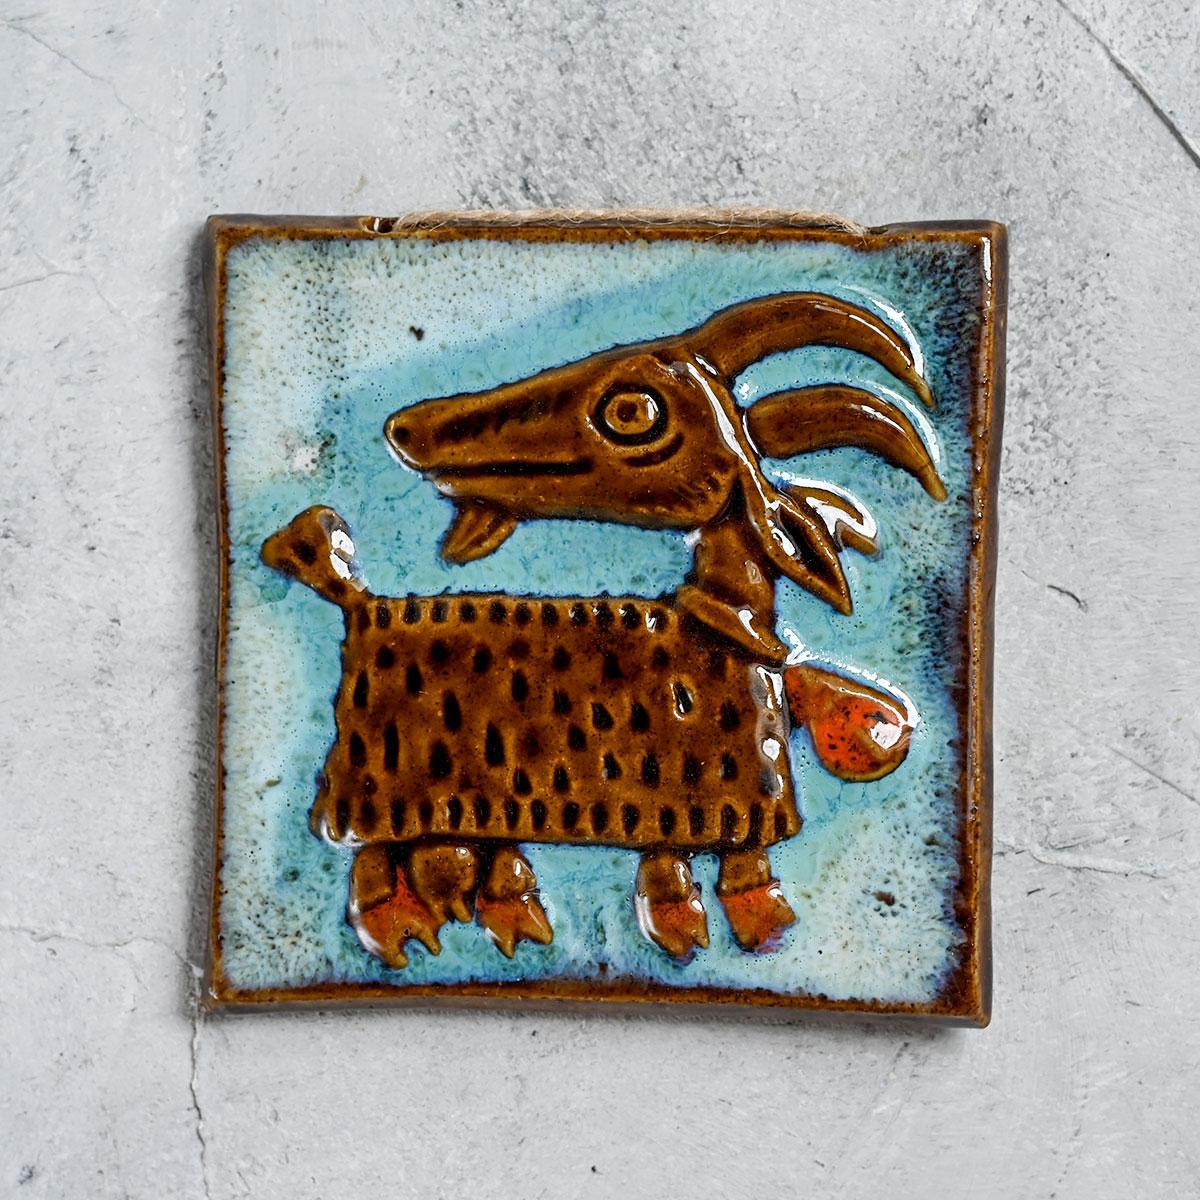 """картинка Изразец ручной работы """"Коза"""" 2 - DishWishes.Ru"""